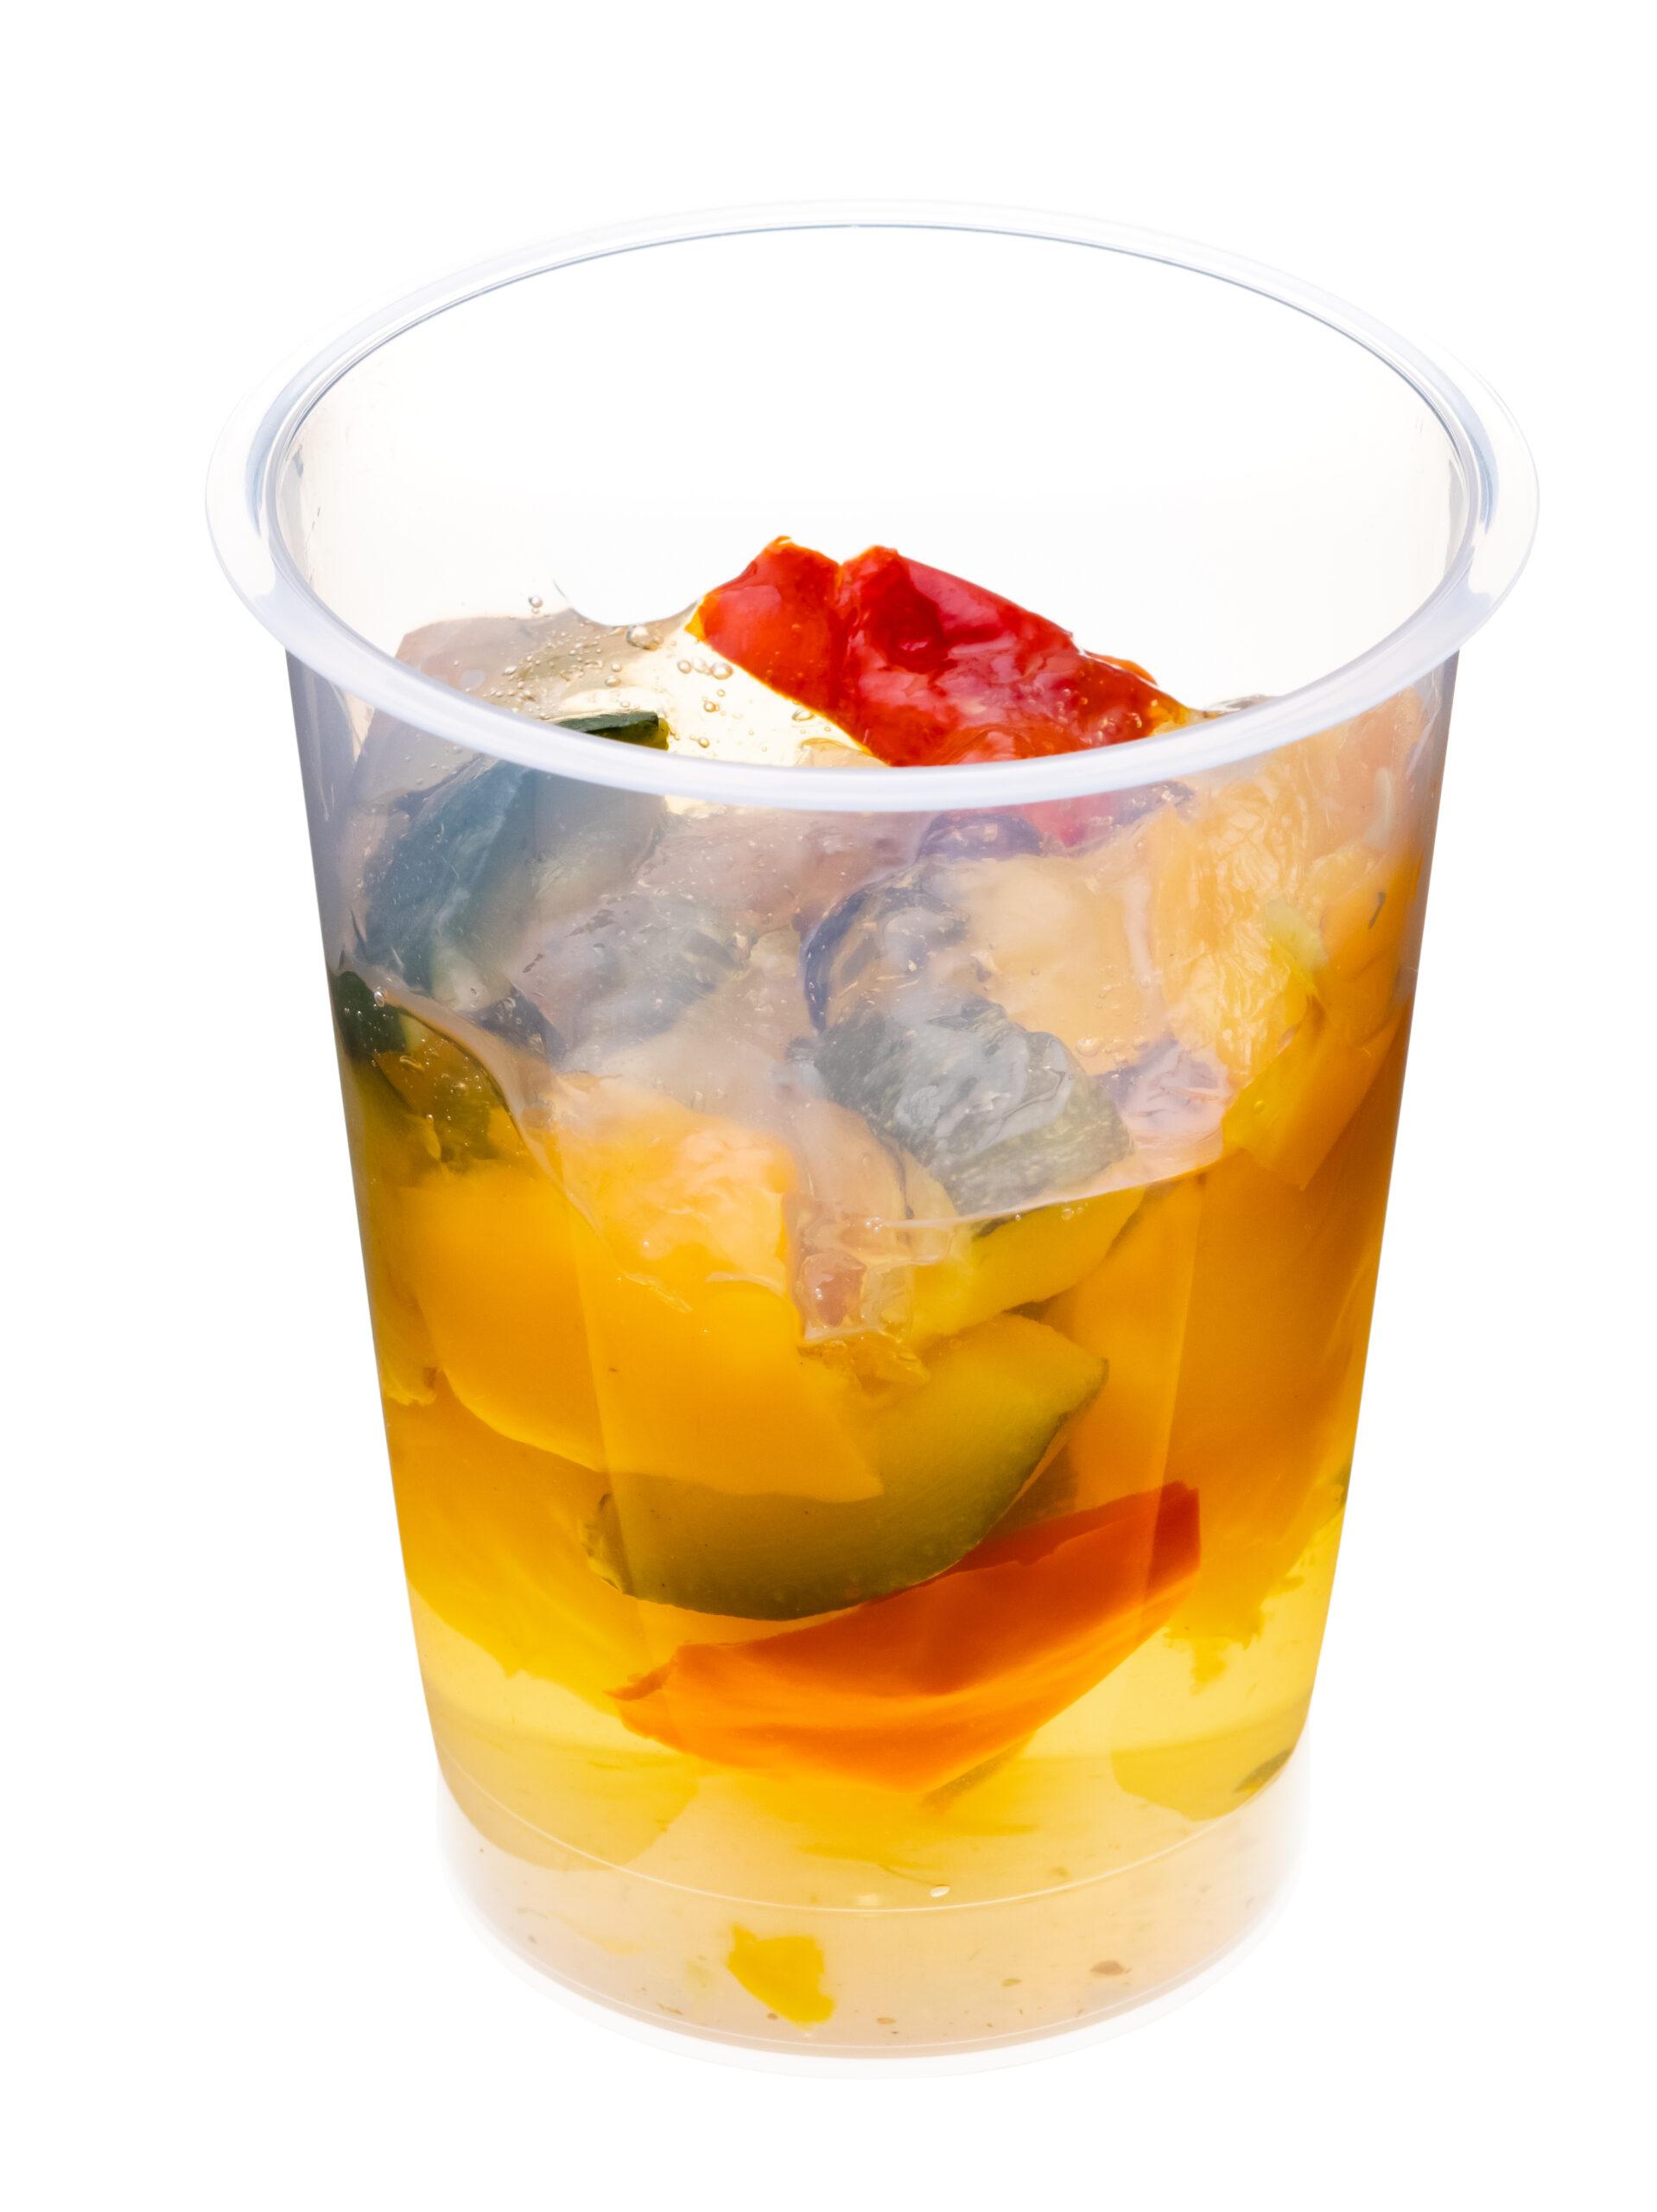 夏にぴったり「だしピクルス」が新発売 「一汁旬菜 日本橋だし場 CIAL横浜店」開業一周年記念商品